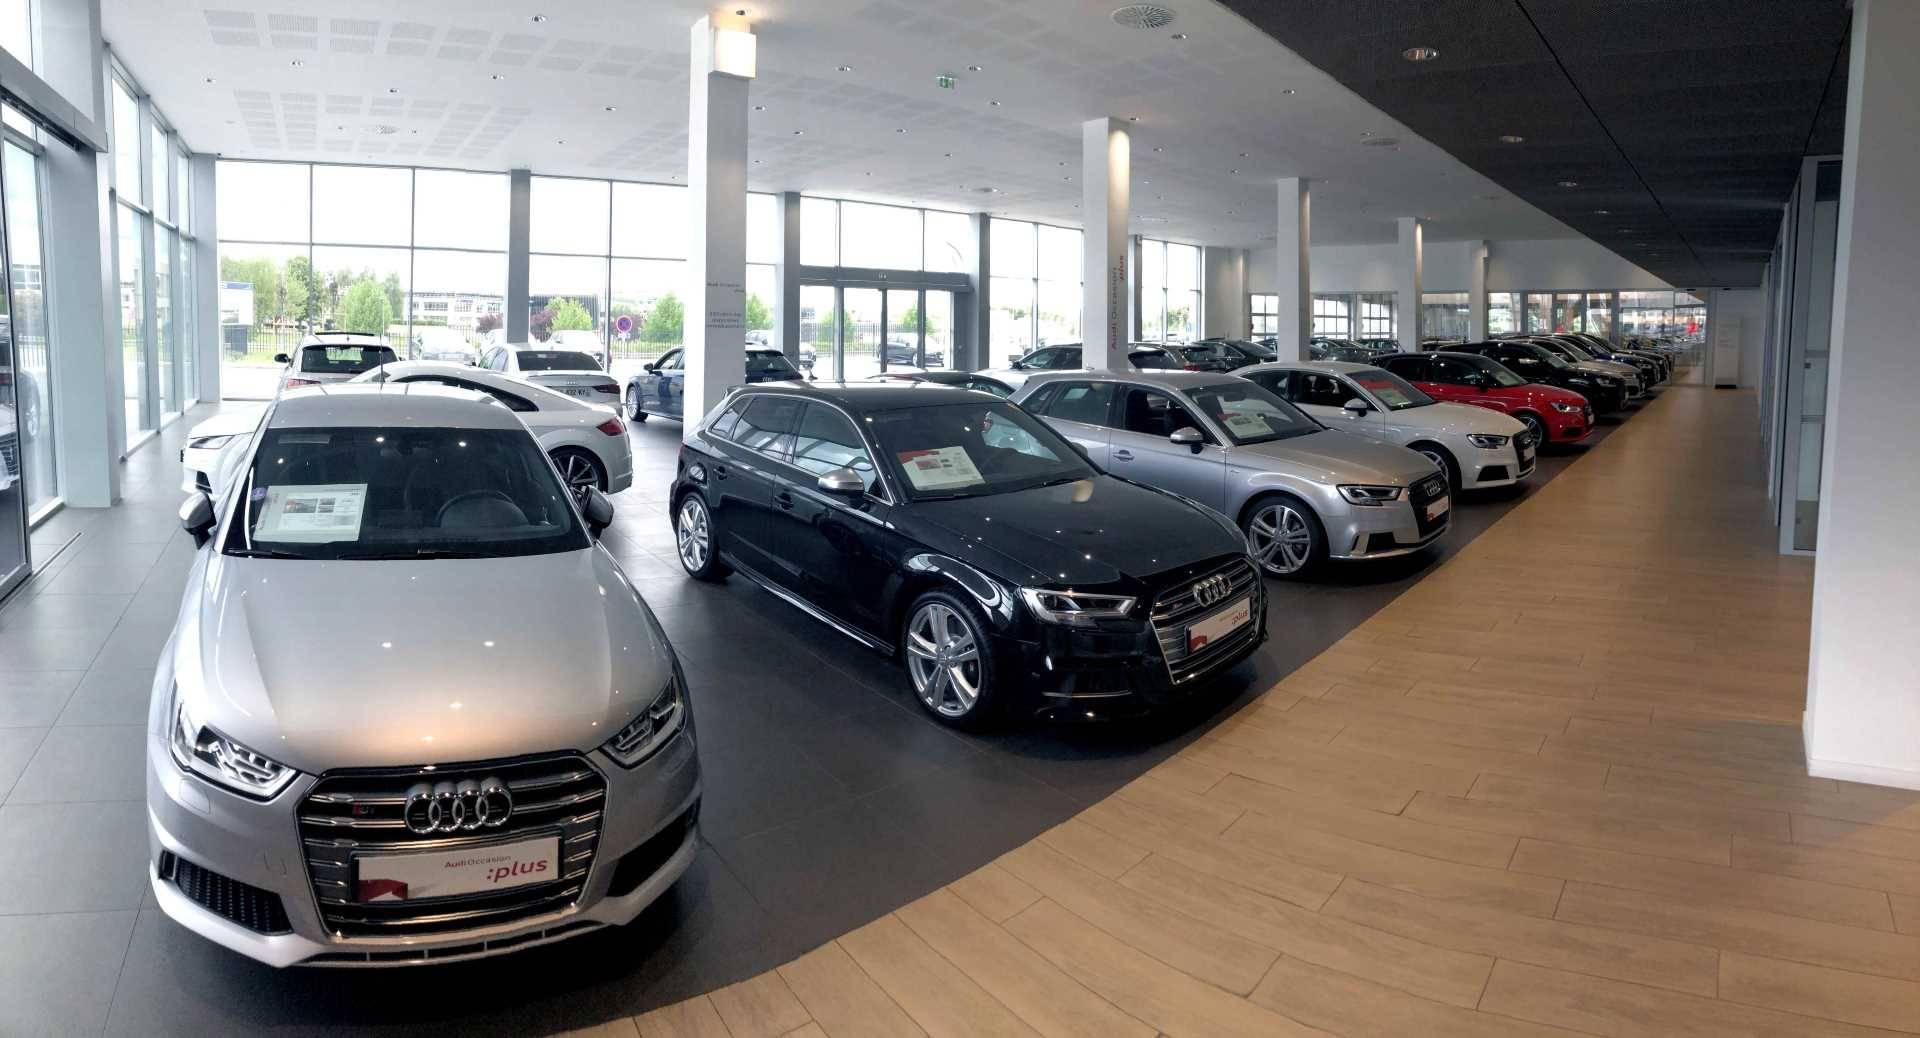 Exposition Audi Occasion :plus Bauer Paris Roissy